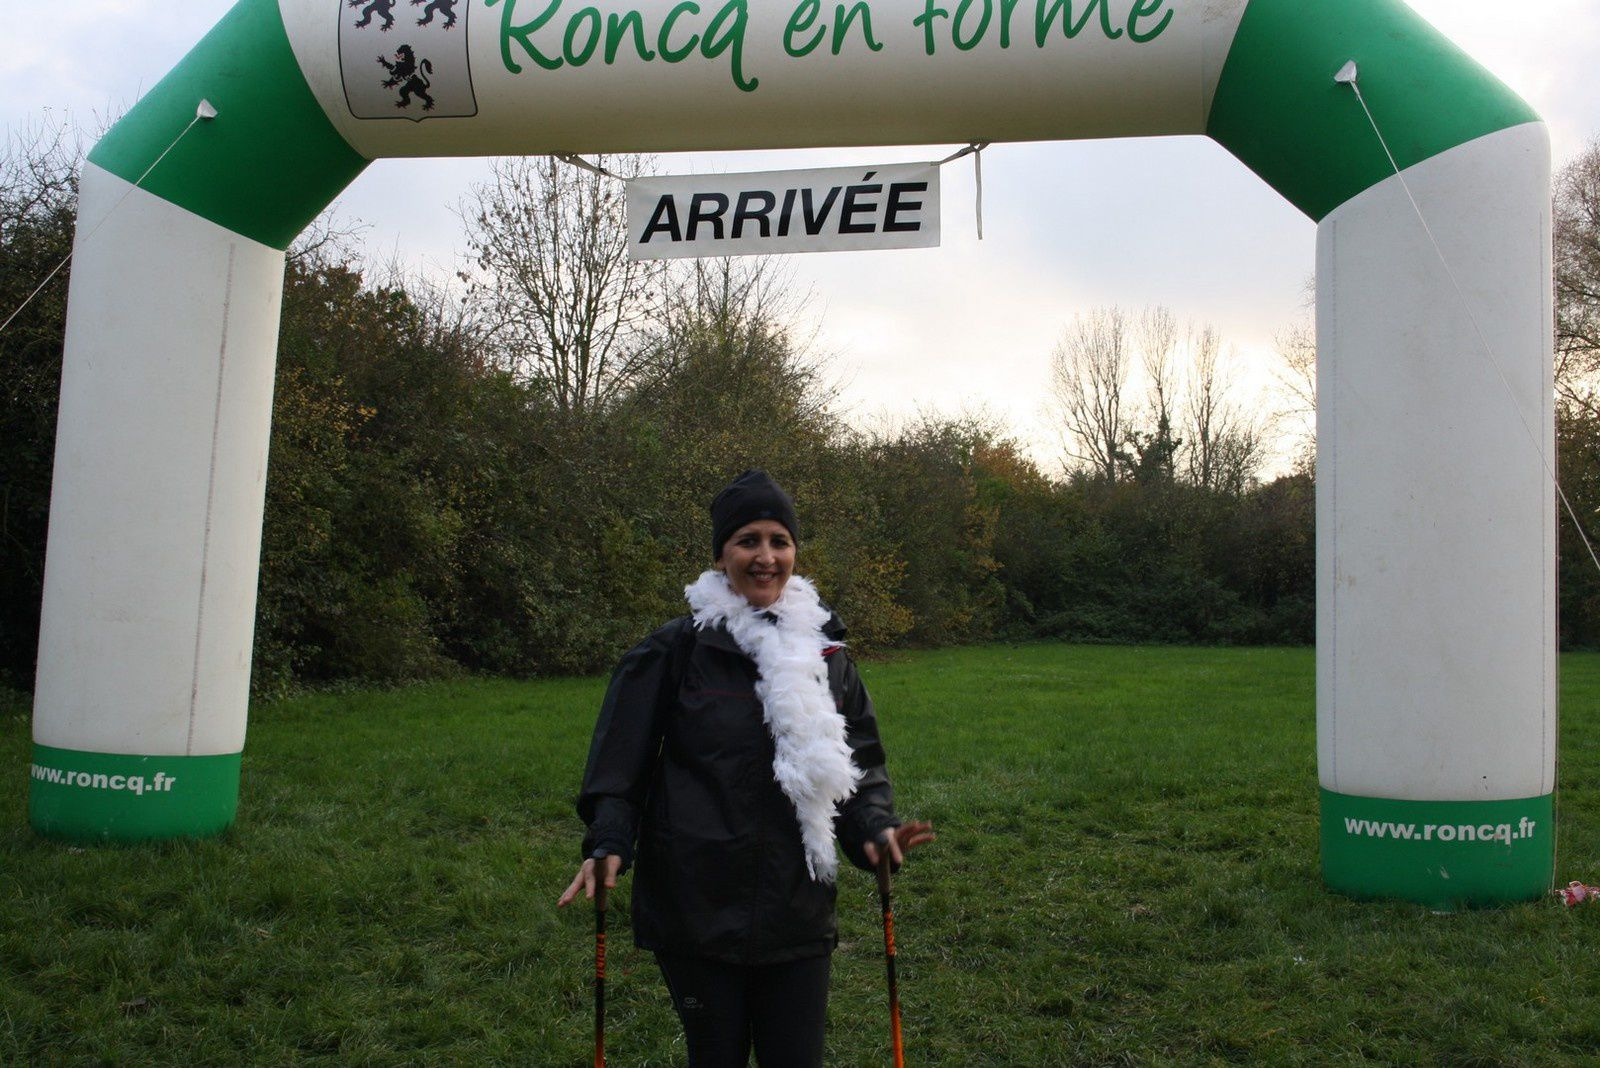 La Jarnaval à Roncq le samedi 15 novembre